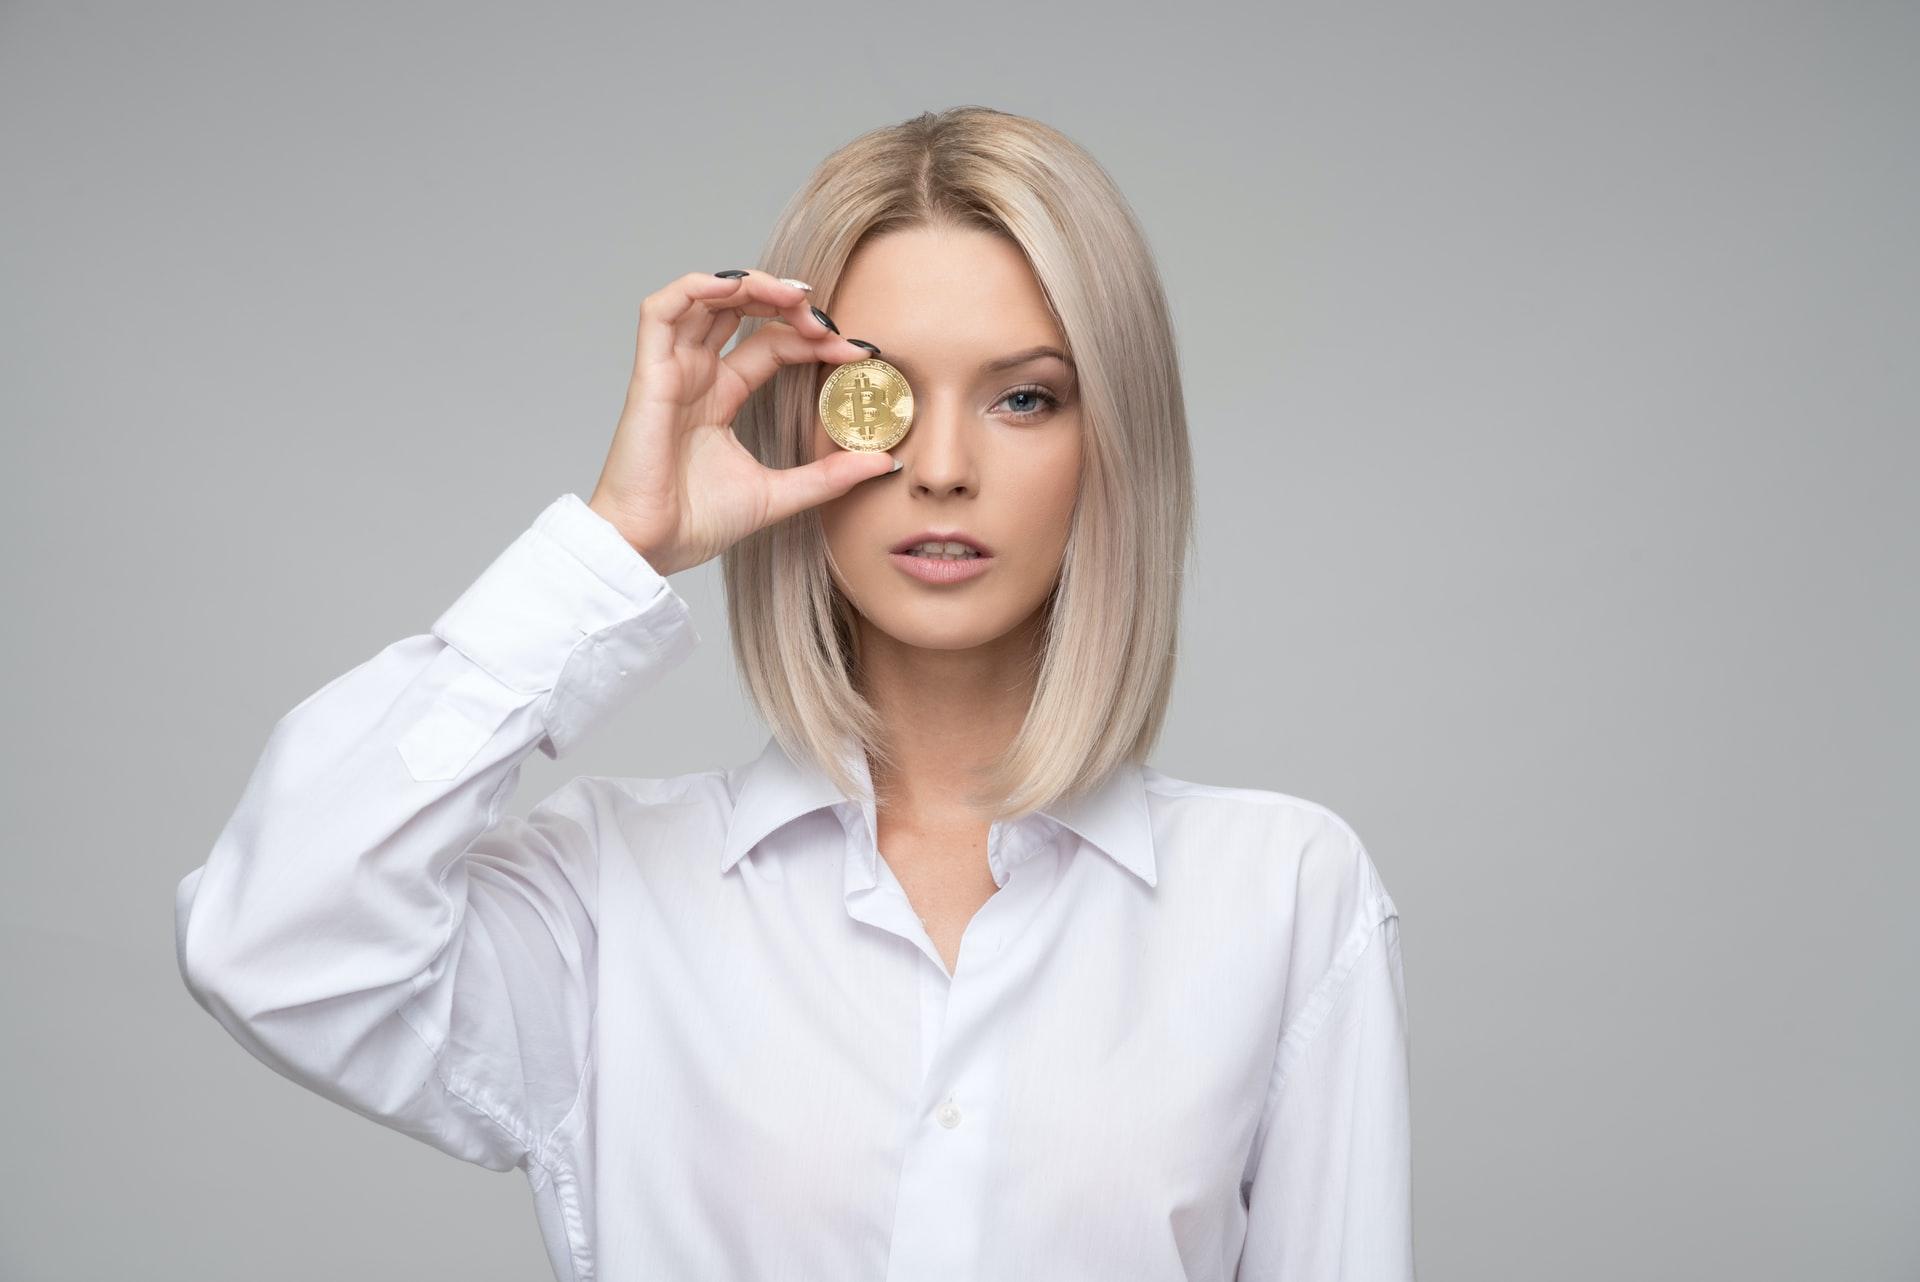 Крипто и банковская сфера - фото